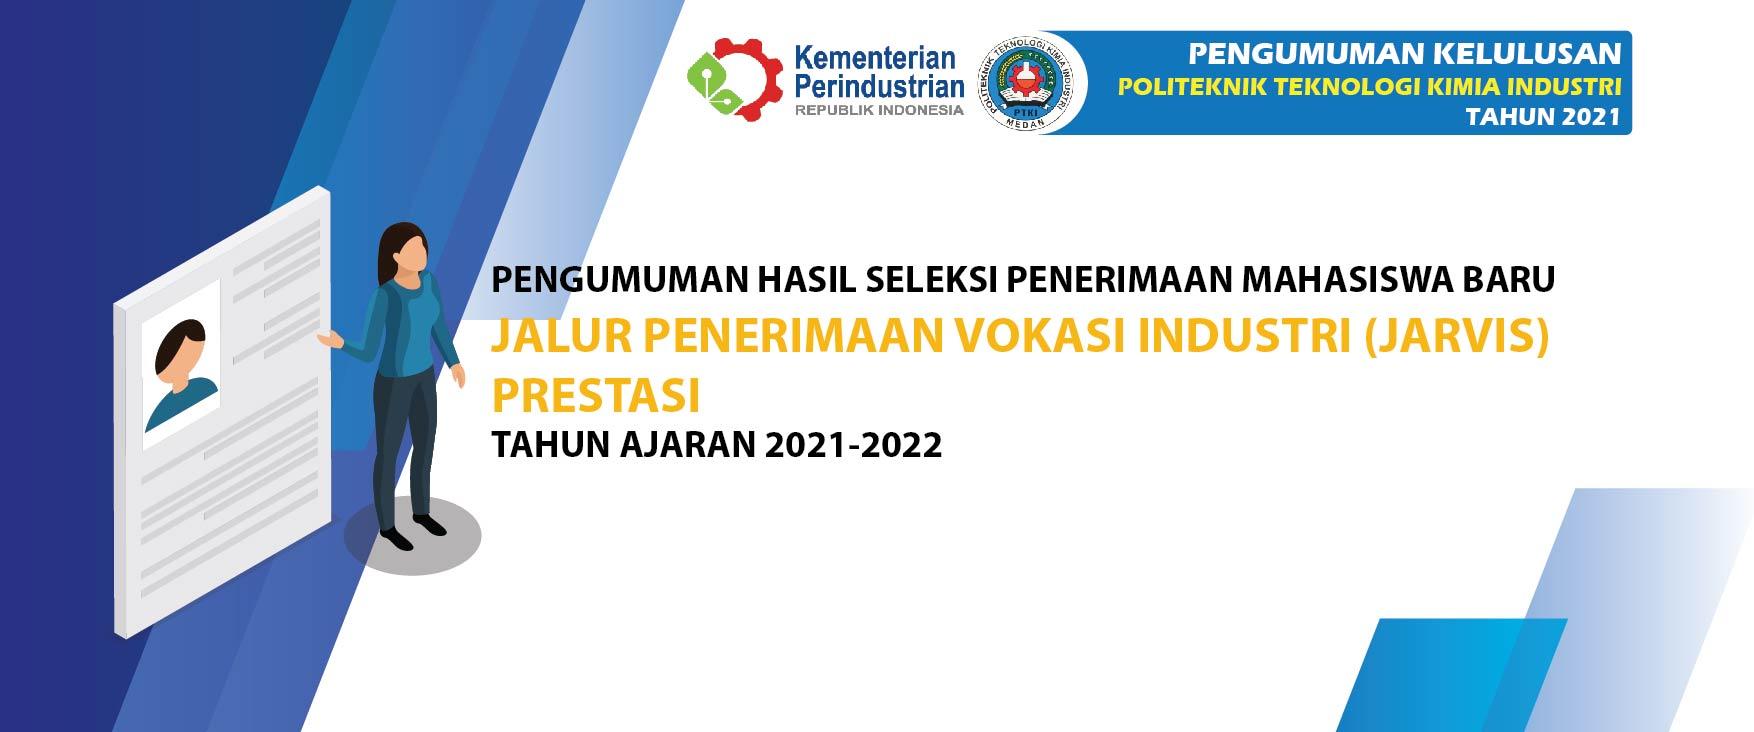 2020-pengumuman-kelulusan-01